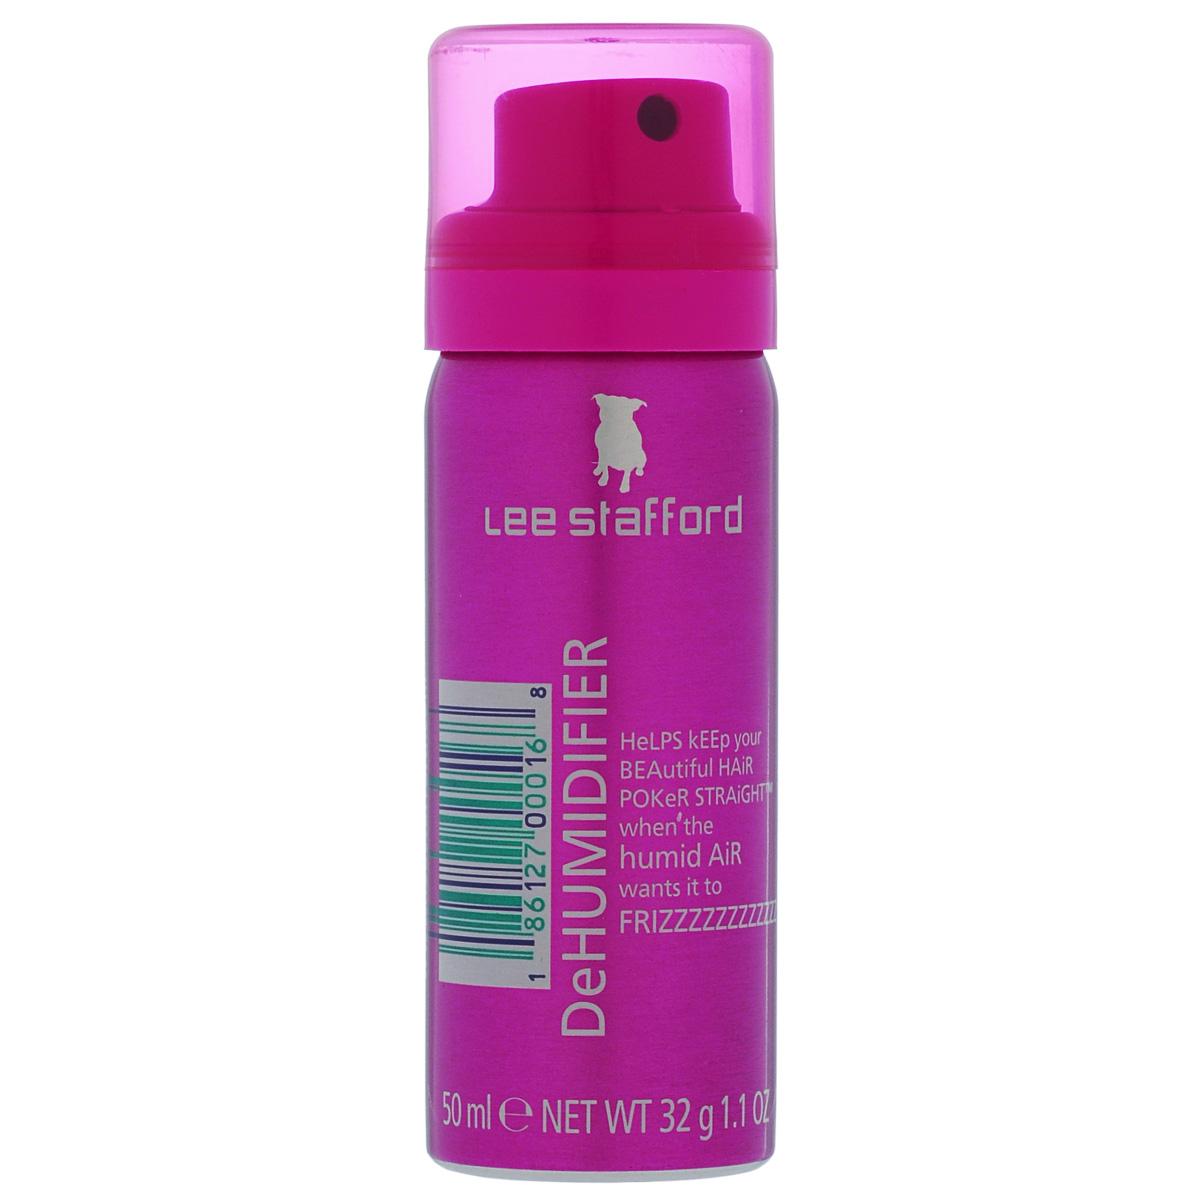 Lee Stafford Спрей для предотвращения завивания волос Poker Straight Mini, 50 мл62583400403 Lee Stafford Спрей для предотвращения завивания волос Poker Straight Dehumidifier, 50 мл. Даже под воздействием влажного воздуха, ваши волосы остаются прямыми! Это настоящий «зонтик» для ваших волос. Благодаря входящим в состав компонентам, обеспечивается легкое и эффективное воздействие на волосы, предотвращая их завивание. Распыляйте с расстояния 30-50 см по всей поверхности волос передспортом, прогоулкой, перед тем, как лечь спать